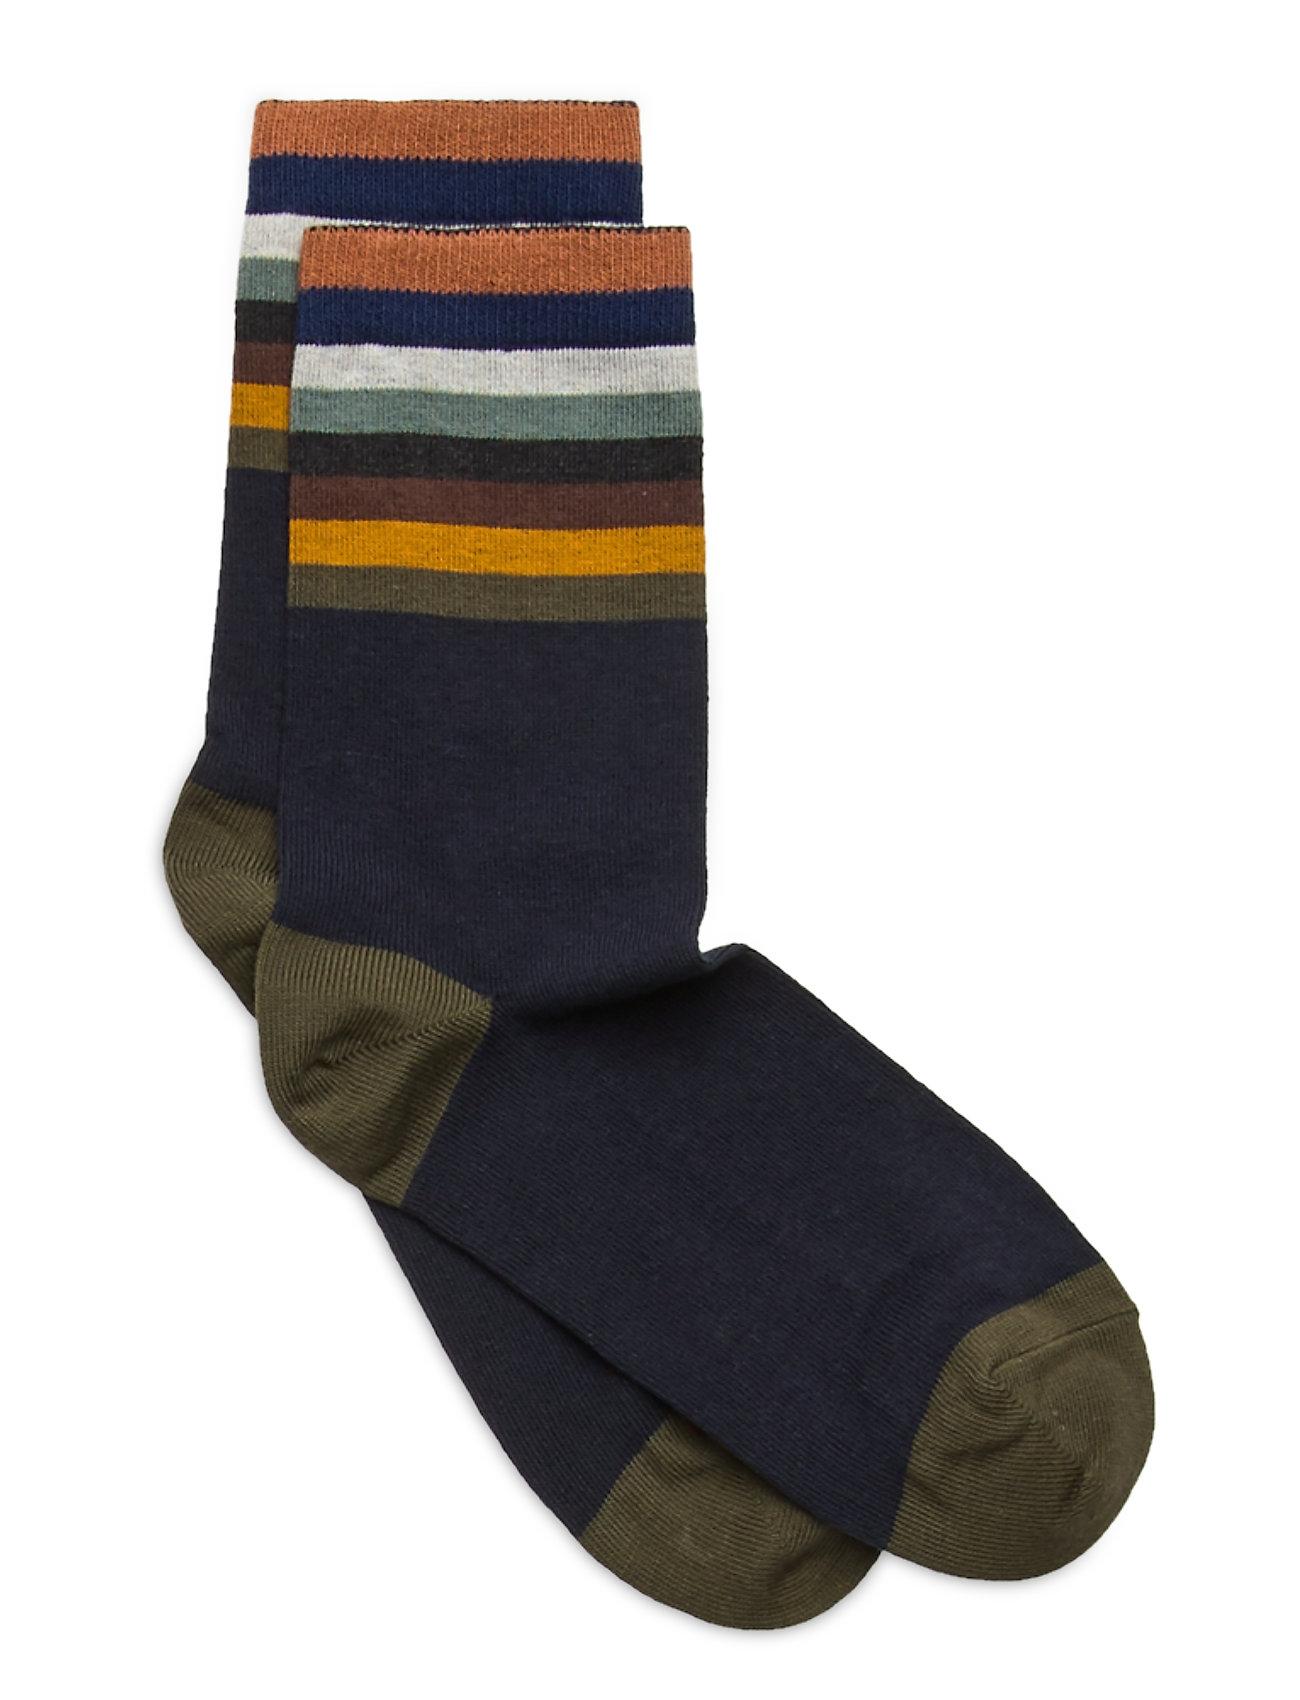 Image of Ankle Sock - Stars Sokker Strømper Blå Melton (3468425133)